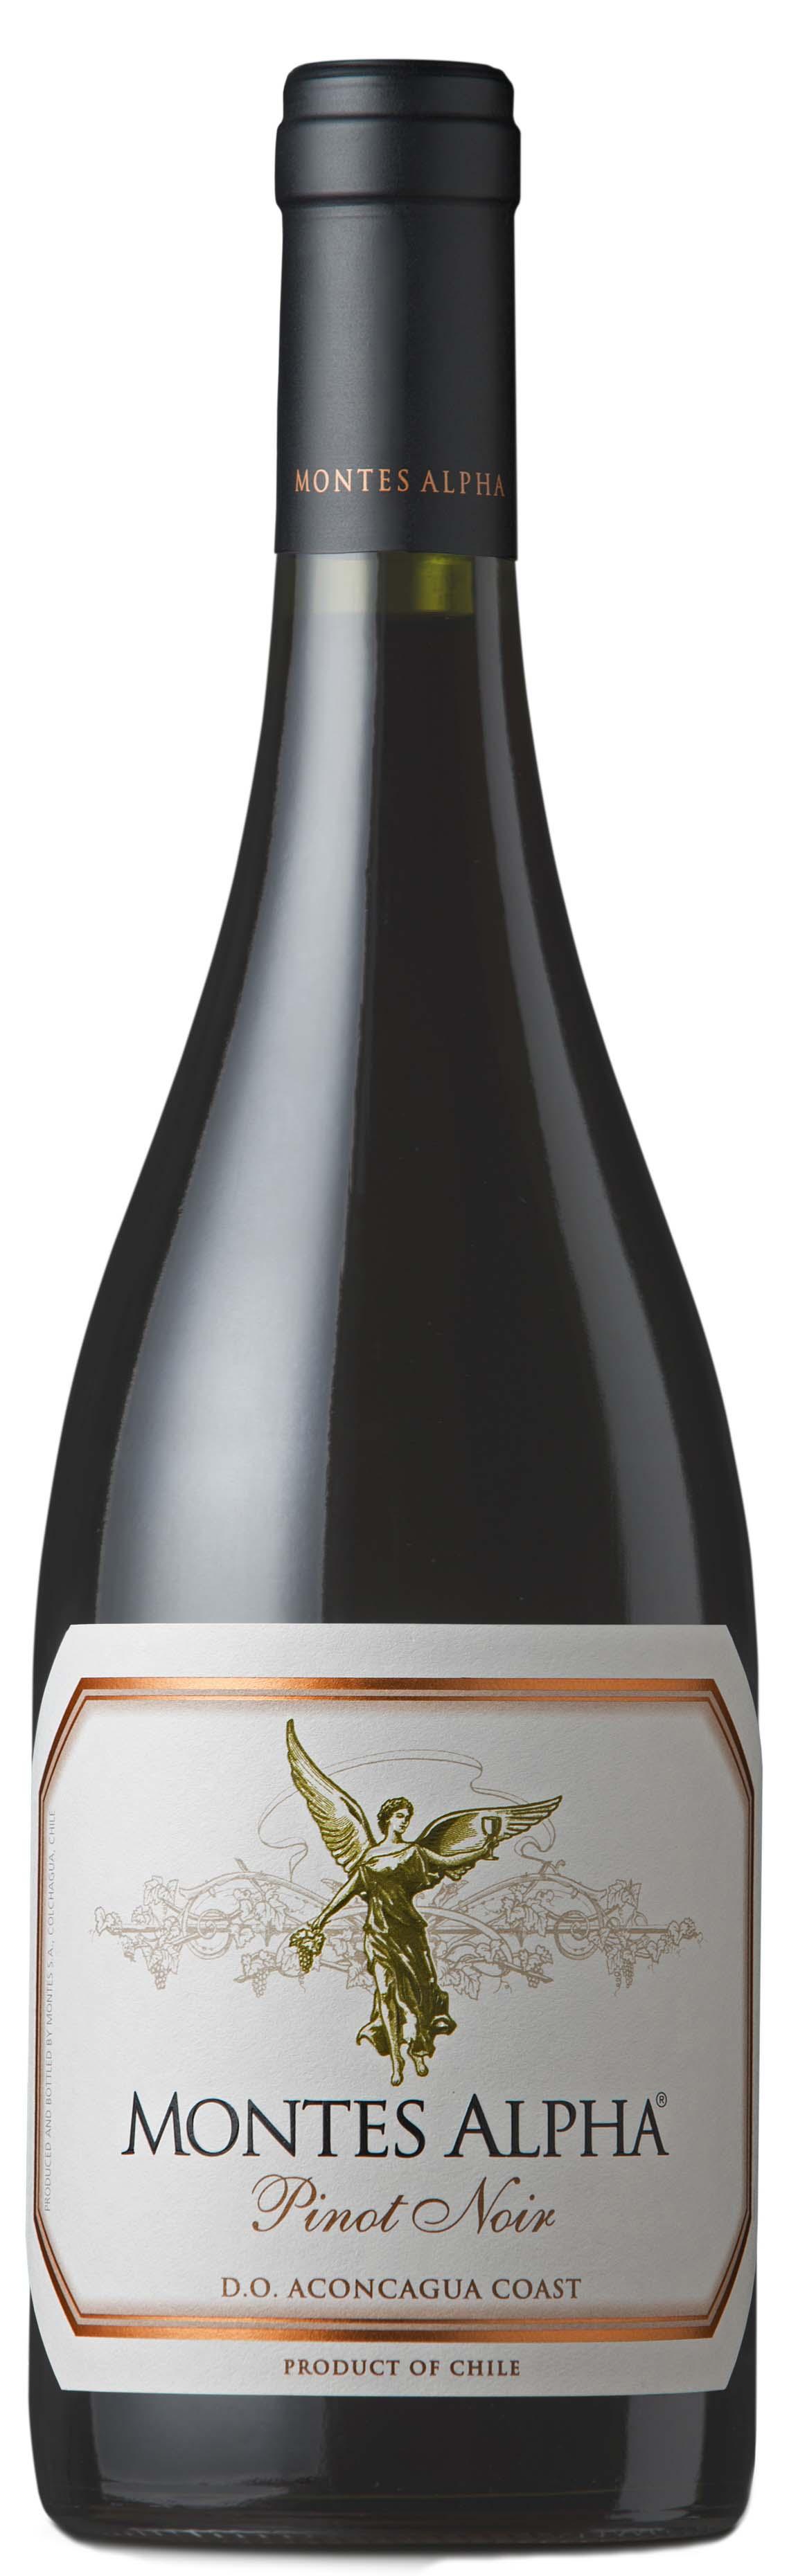 Montes Alpha, Aconcagua Pinot Noir 2015